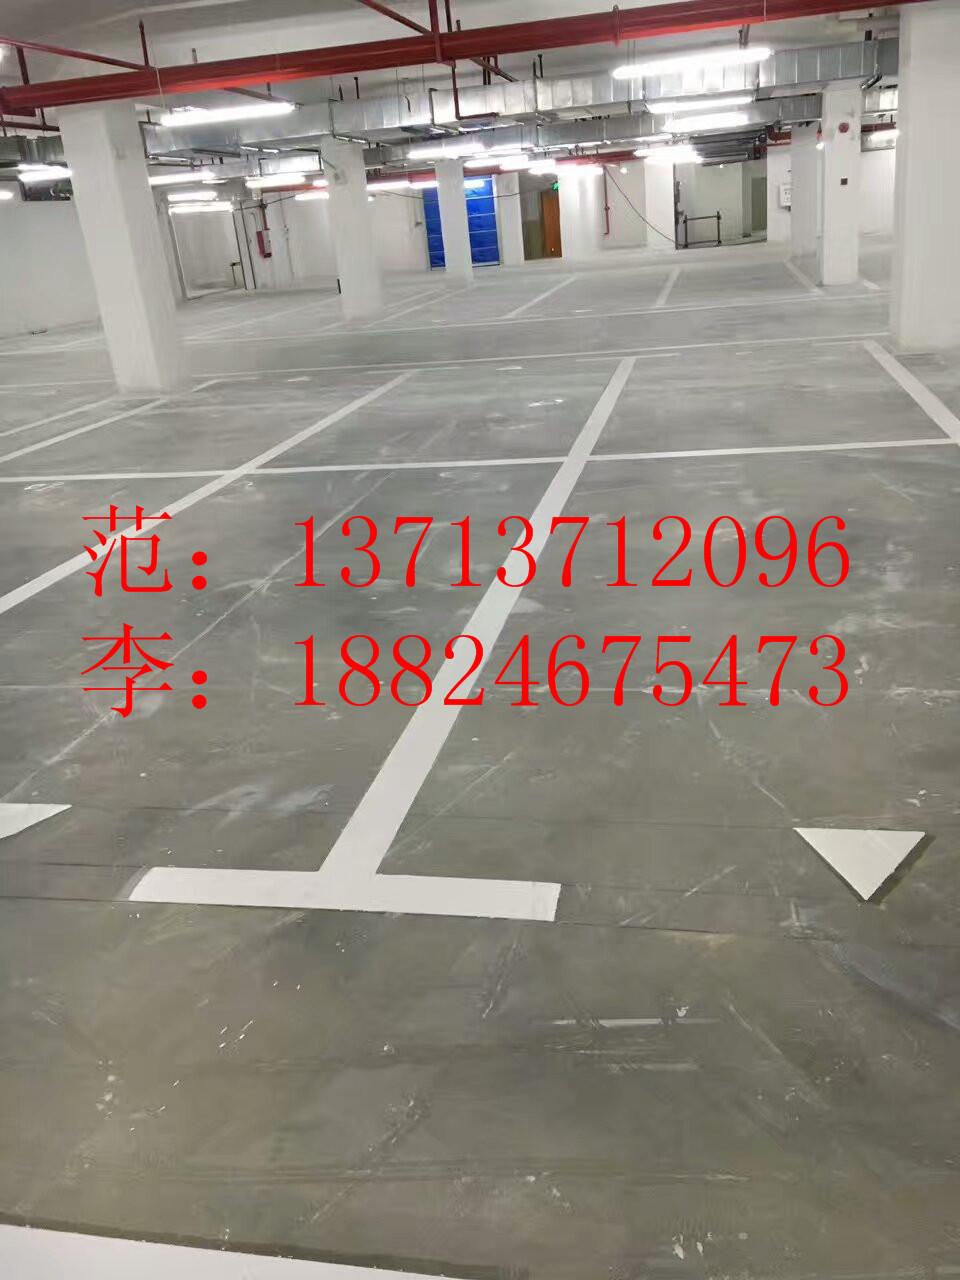 标准车位尺寸是多少平方米?车位划线尺寸面积-贤集网